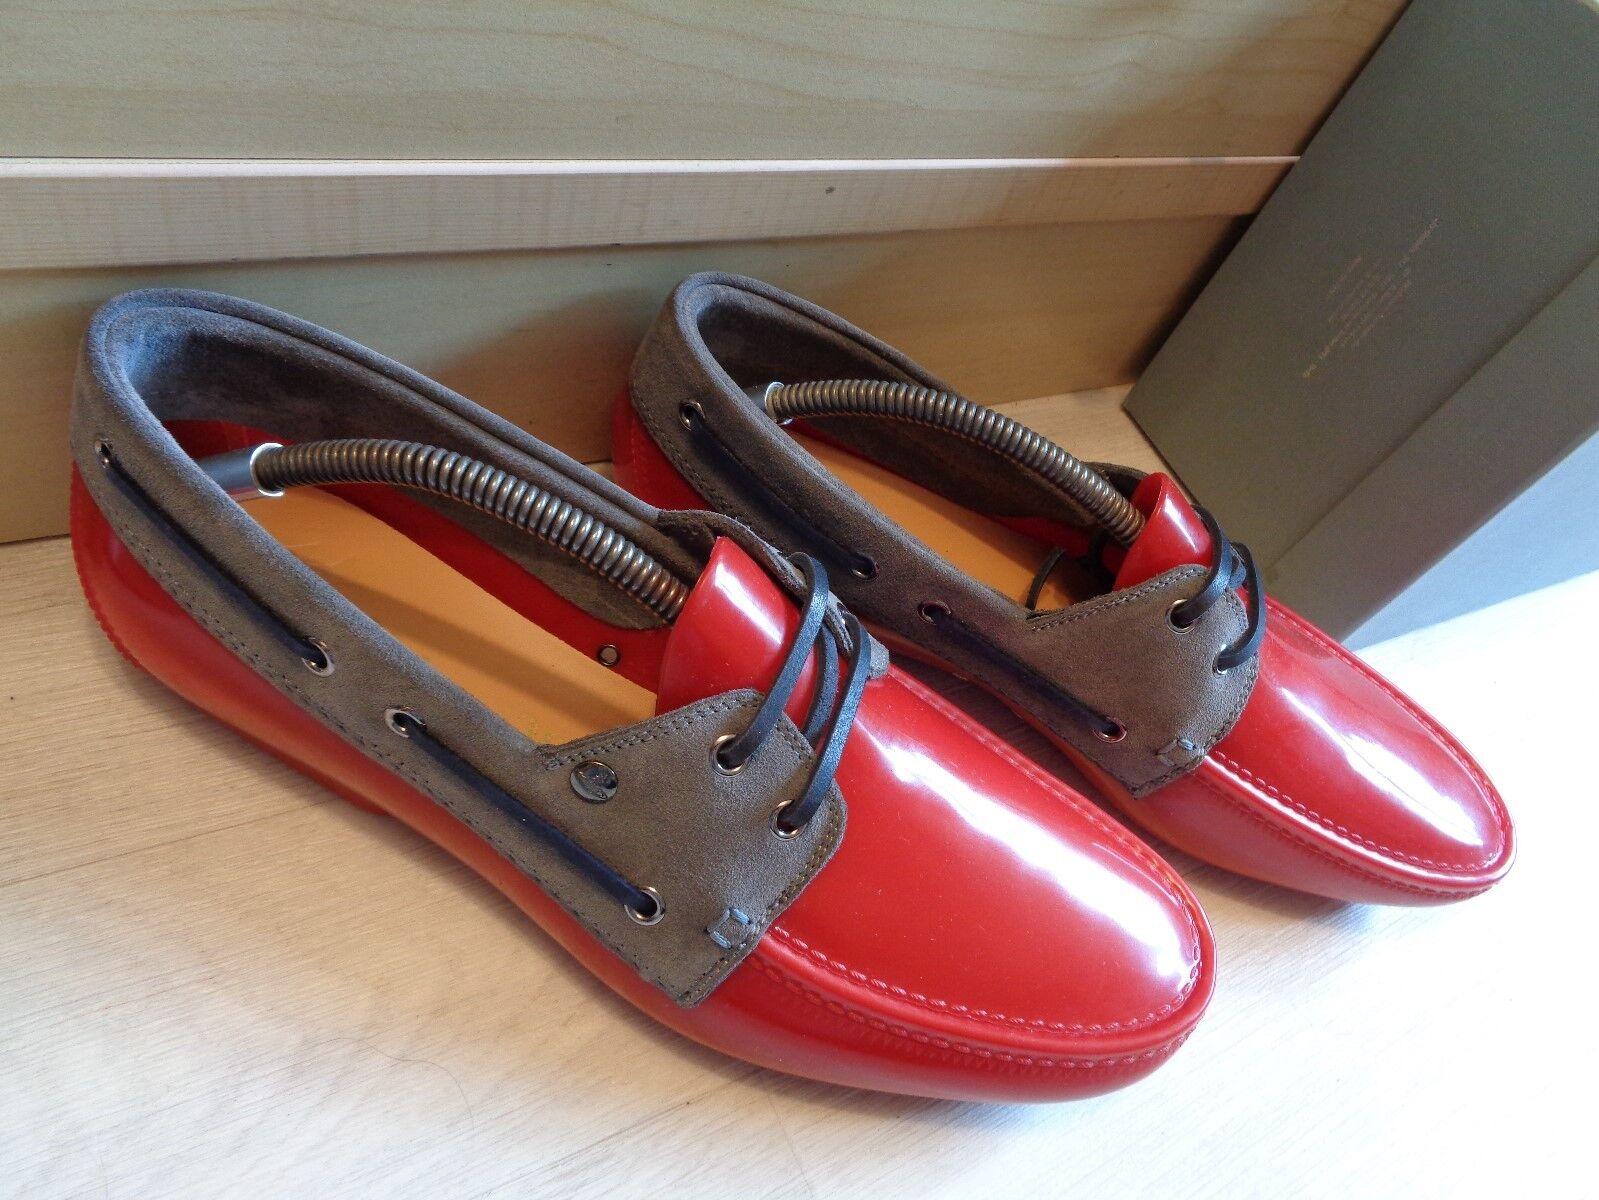 New Vivienne Westwood tie deck moccasin UK 9 43 rot   grau Made in     | Clever und praktisch